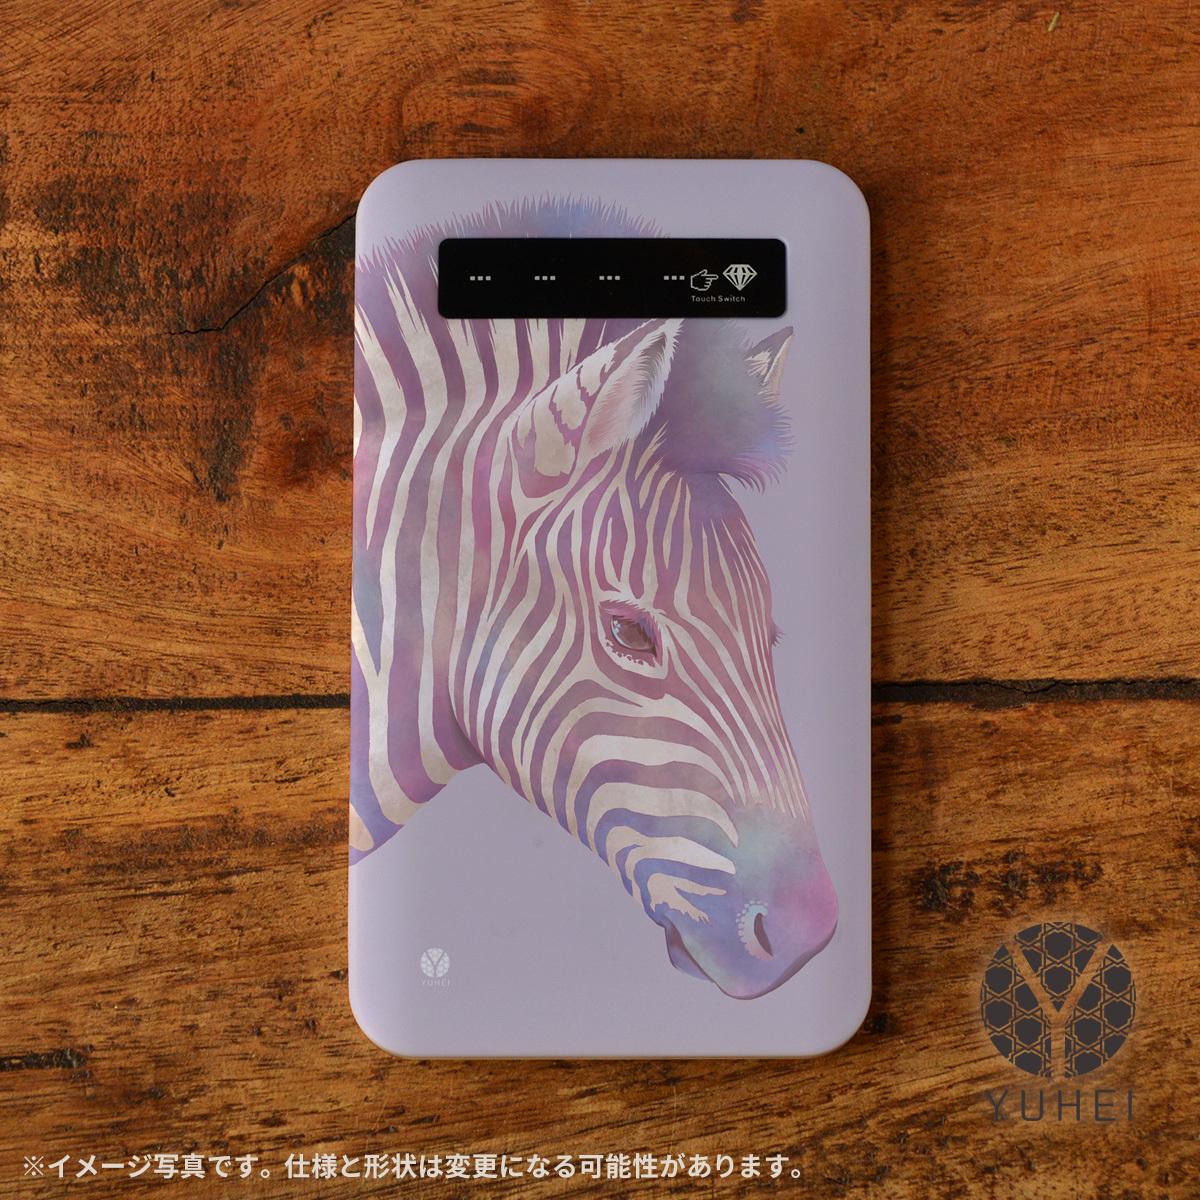 iphone モバイルバッテリー かわいい スマホ 充電器 持ち運び モバイルバッテリー オシャレ iphone 携帯充電器 アンドロイド おしゃれ アニマル しまうま シマウマ/YUHEI